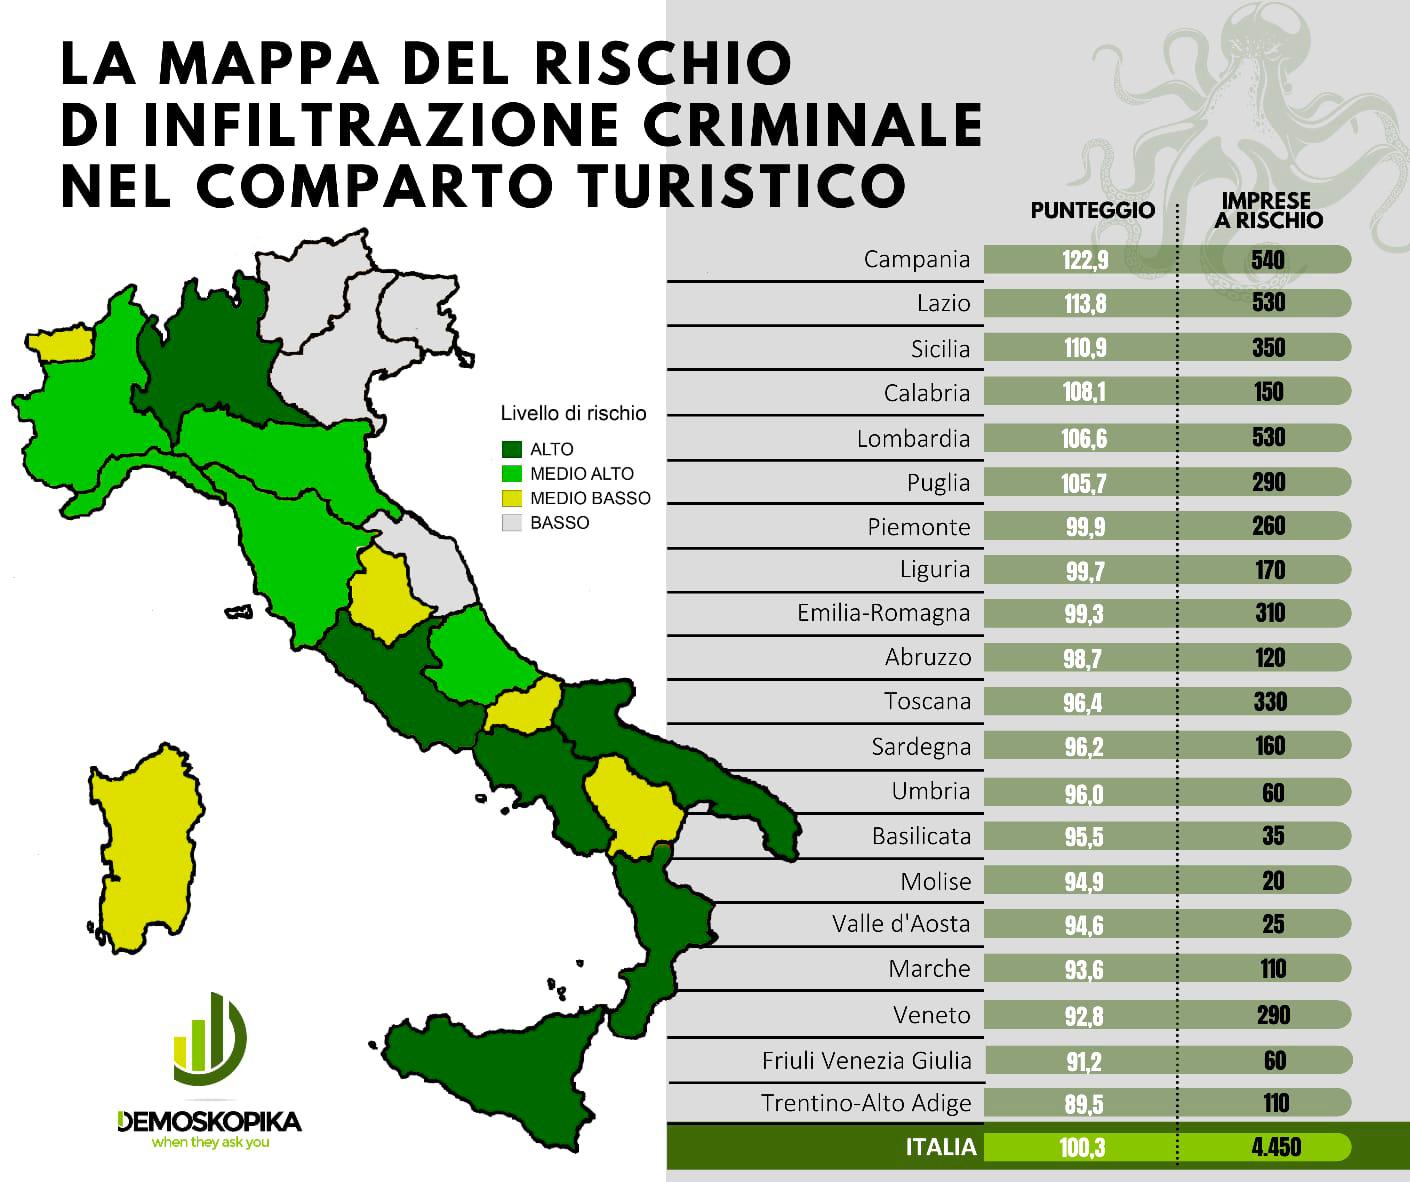 la mappa del rischio di infiltrazioni criminale nel comparto turistico